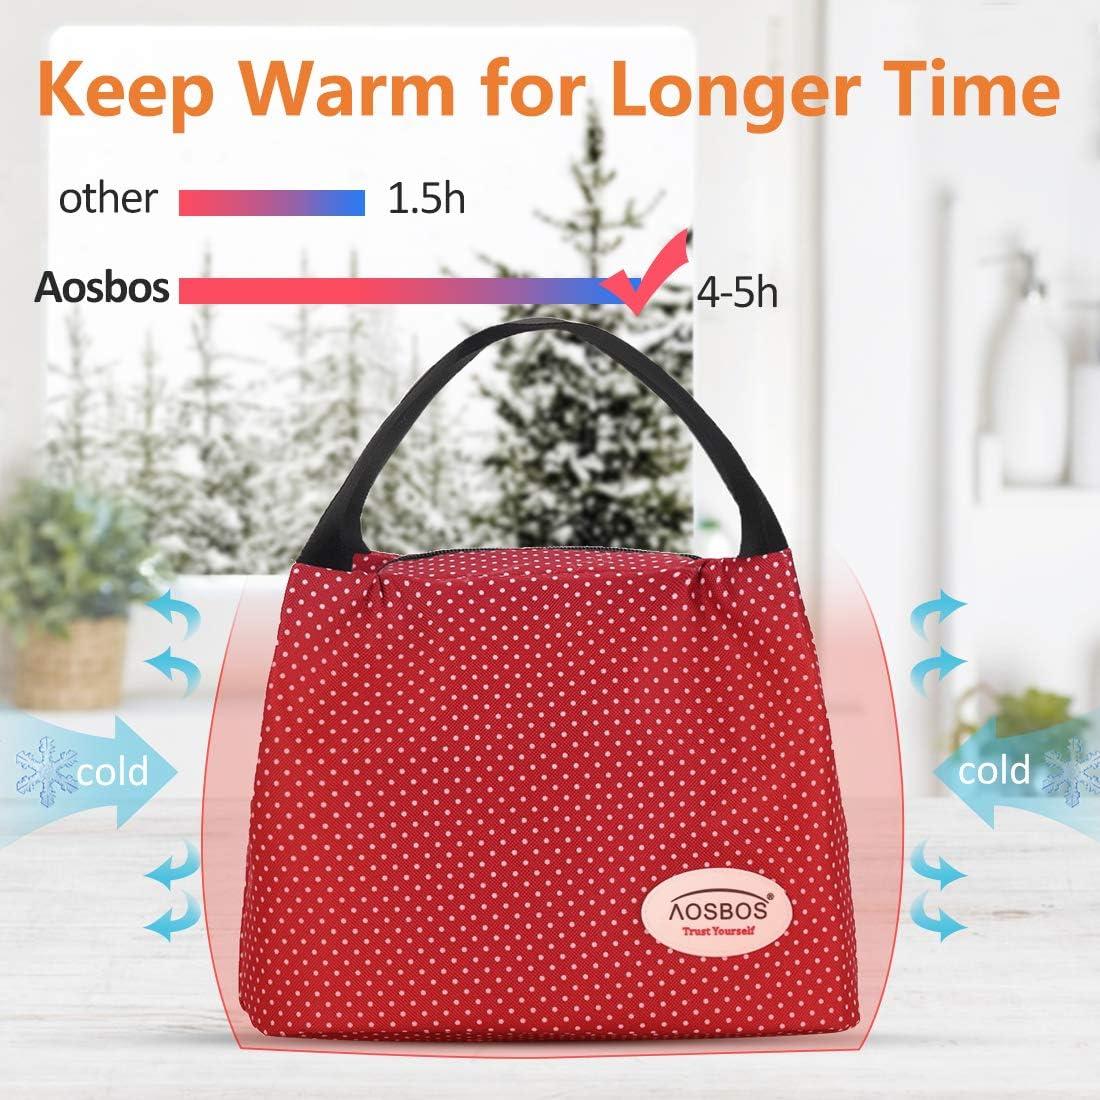 Aosbos Sac Repas Isotherme pour D/éjeuner Lunch Bag Portable 8,5L